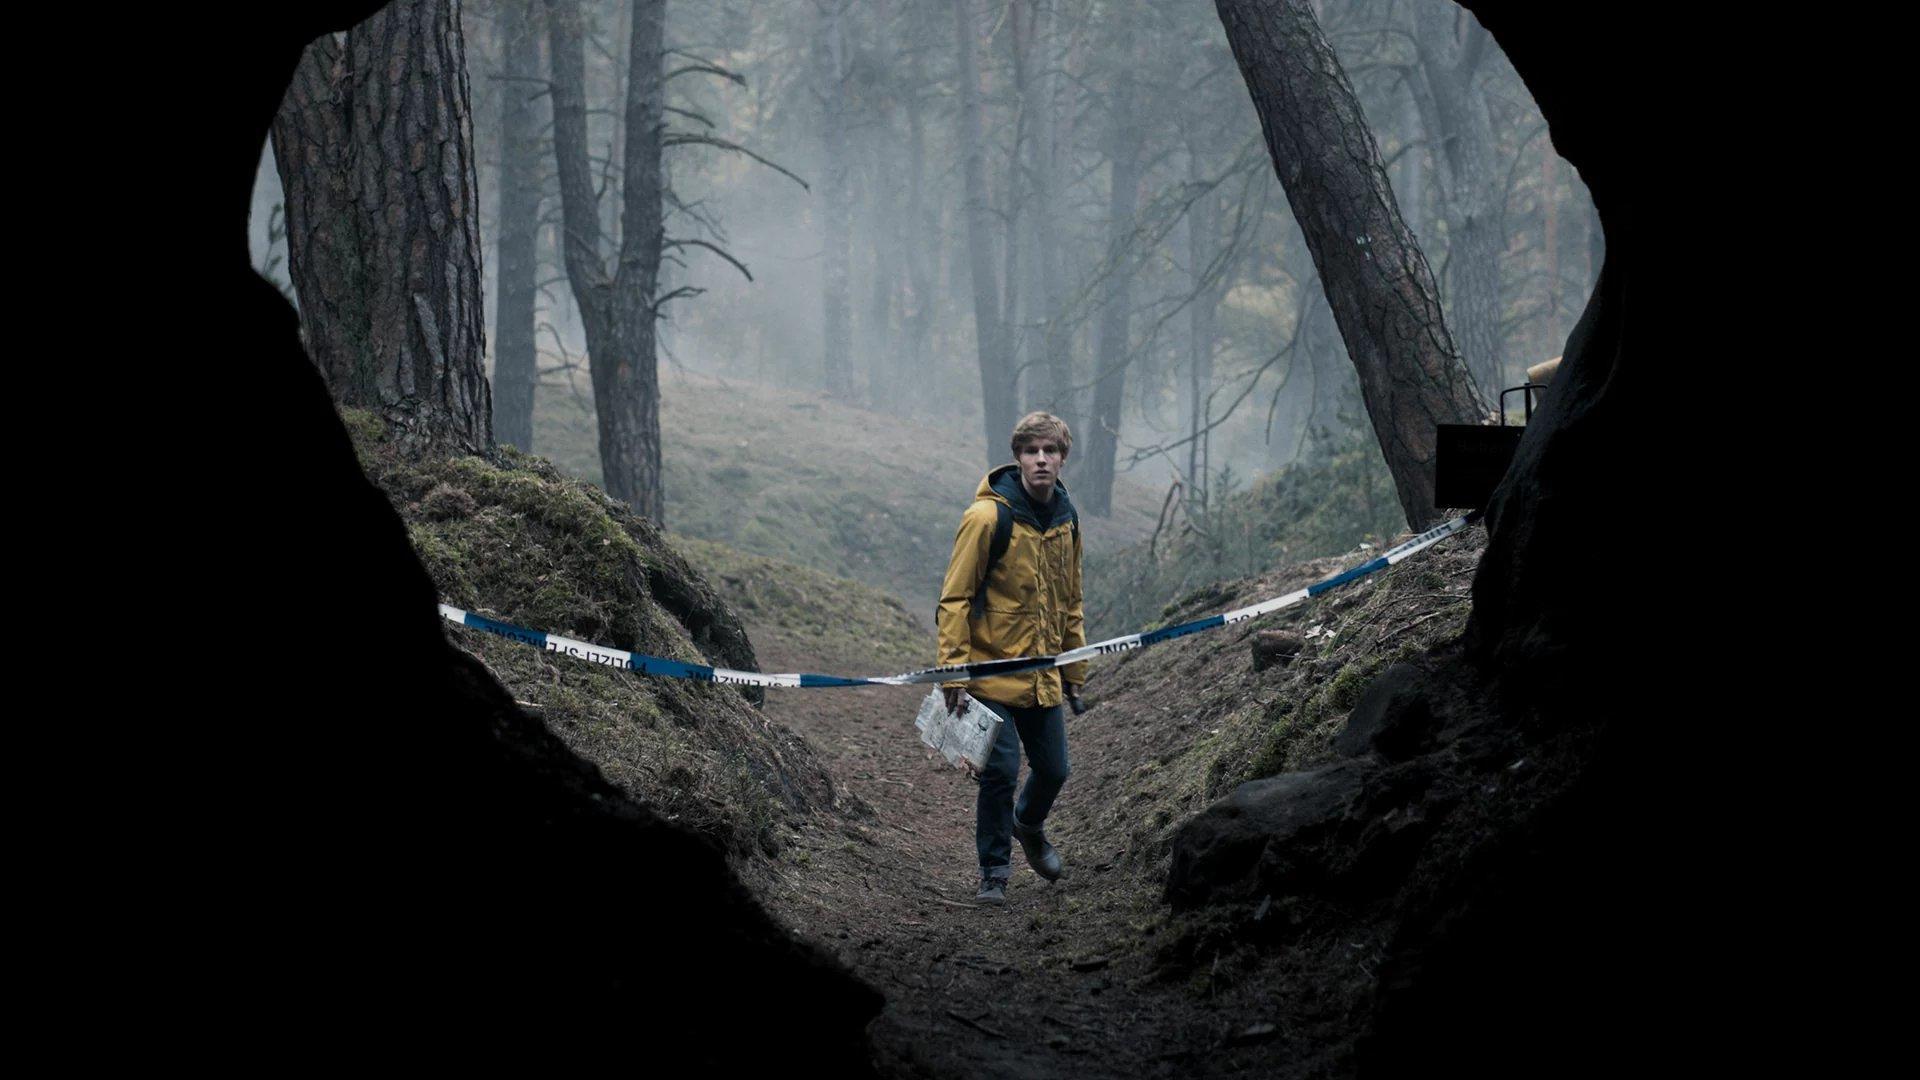 DARK (S01E07): Crossroads Summary - Season 1 Episode 7 Guide